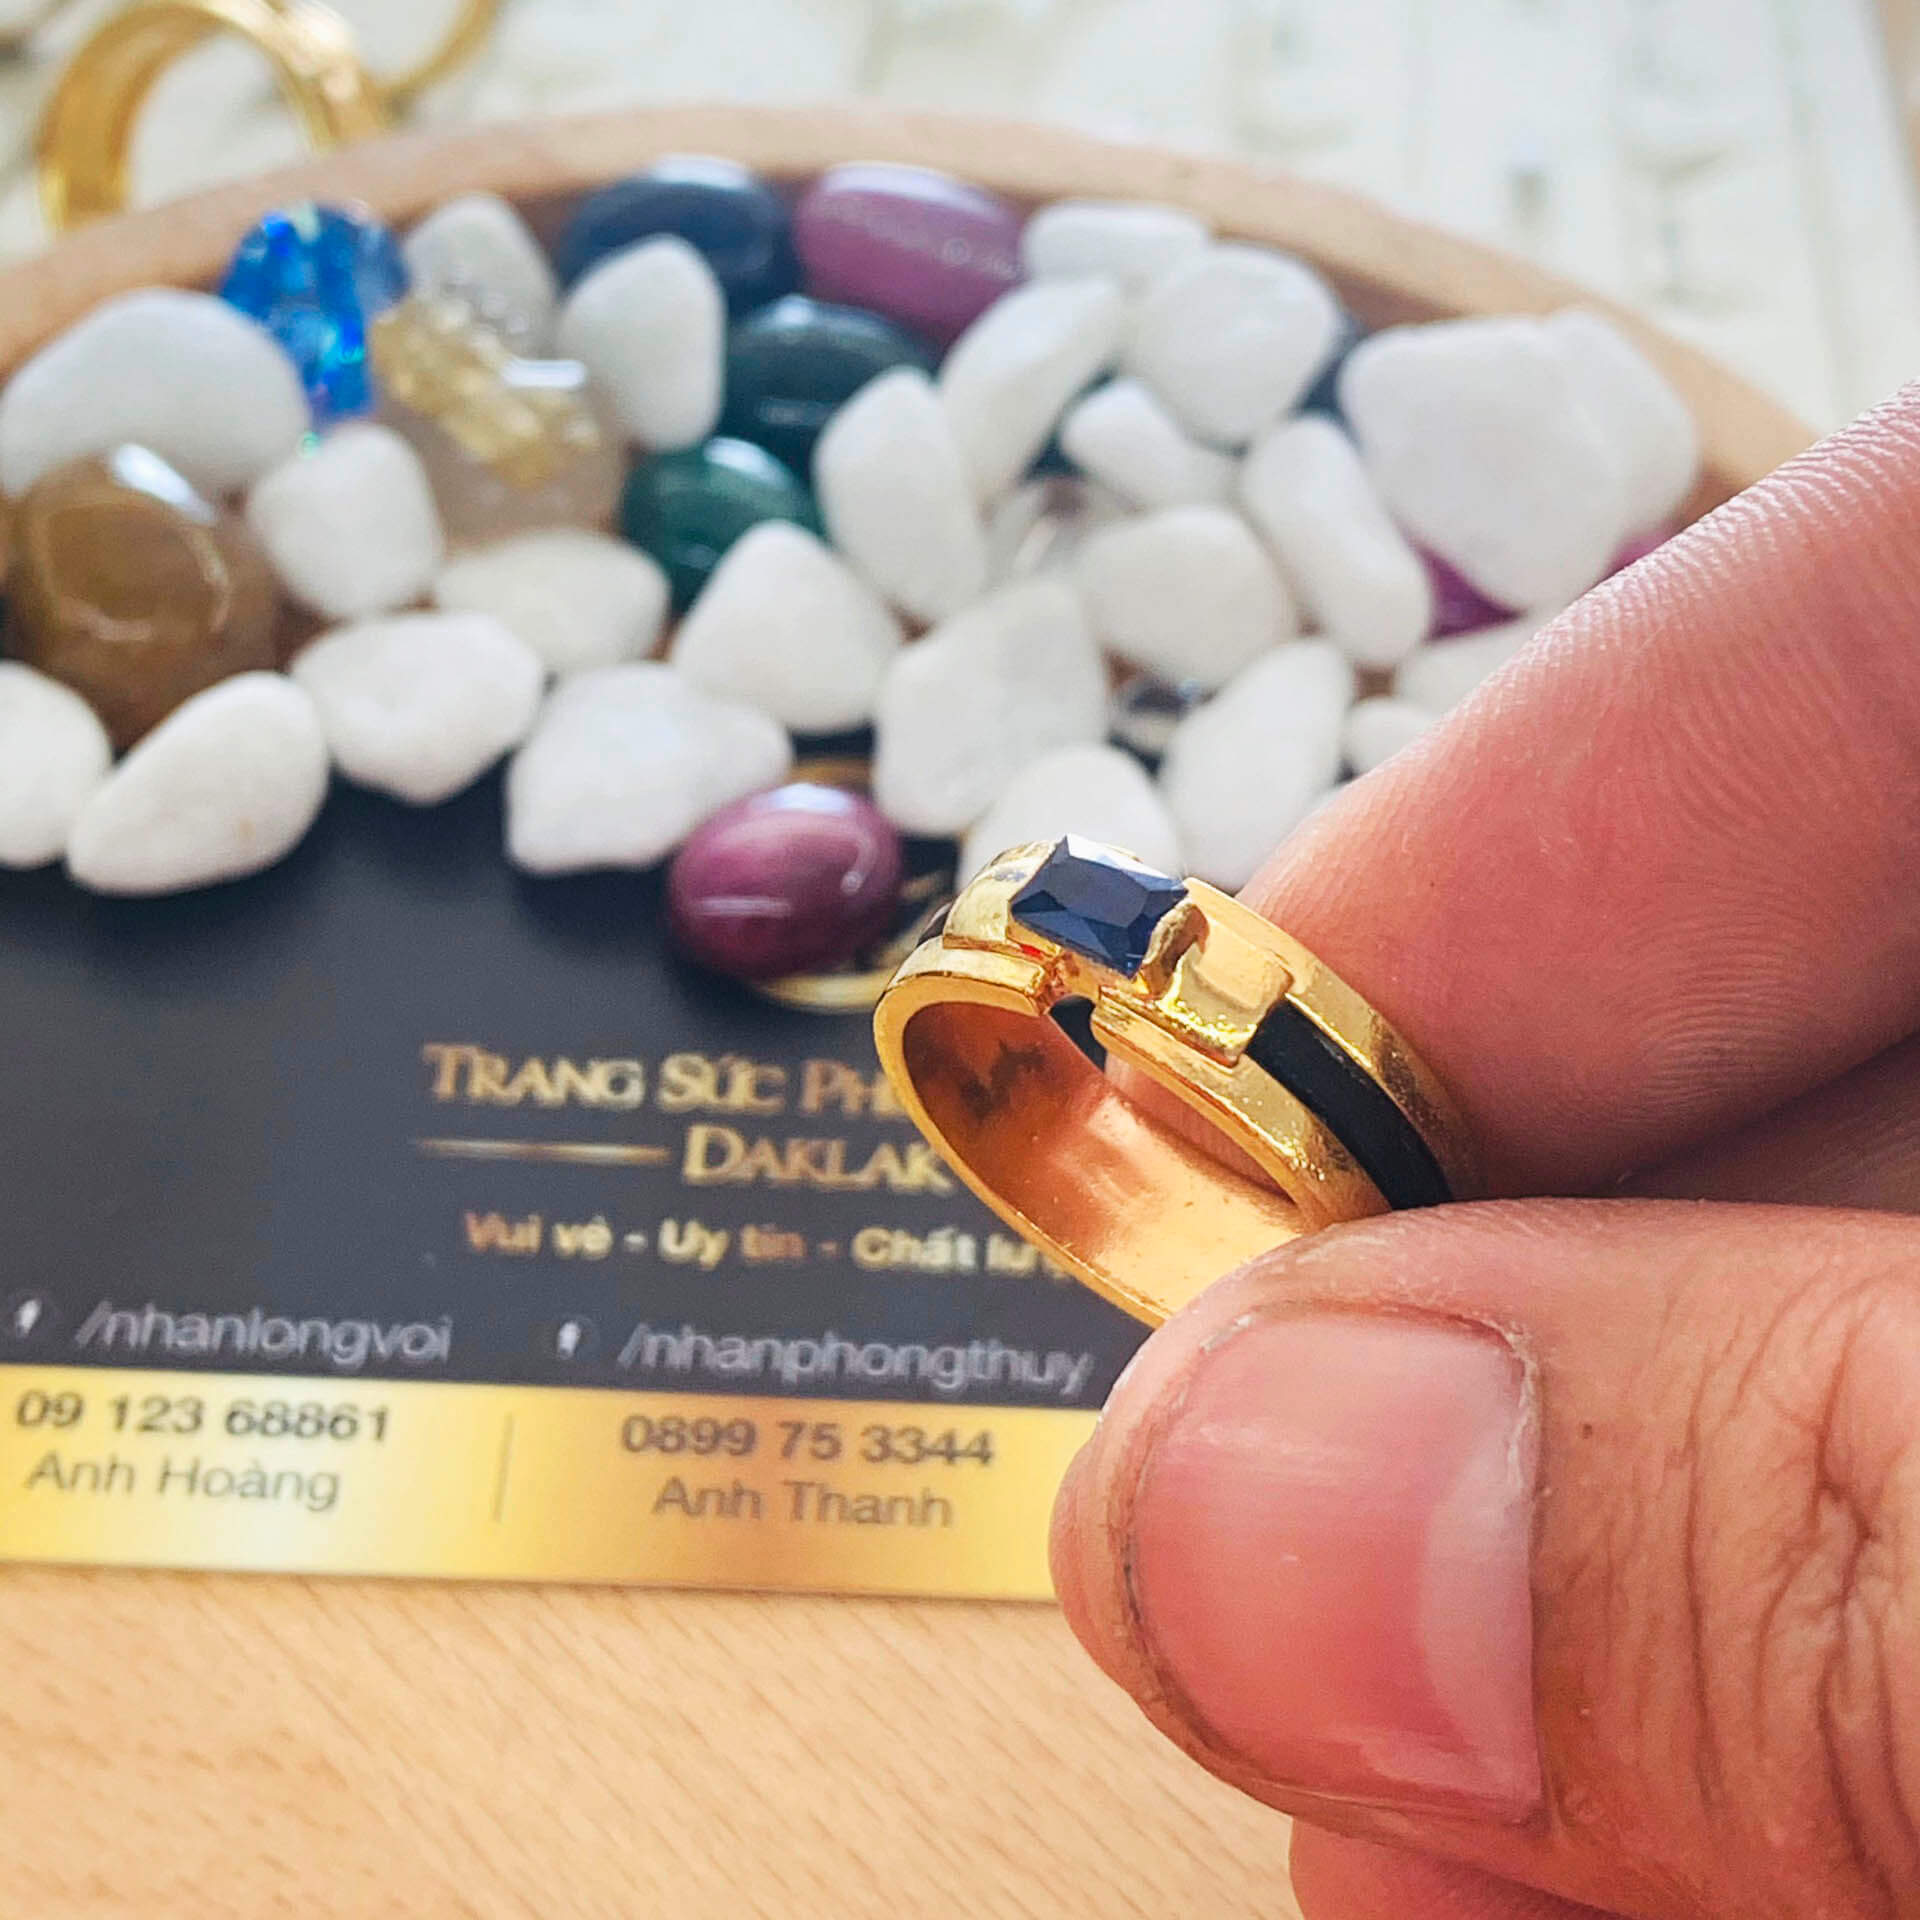 """Nhẫn nam vàng đính đá vuông xanh dương Hero được """"đong đo cân đến"""" kỹ lưỡng để chọn ra cỡ ni tay phù hợp với các ngón cái, giữa, út của nam & nữ"""